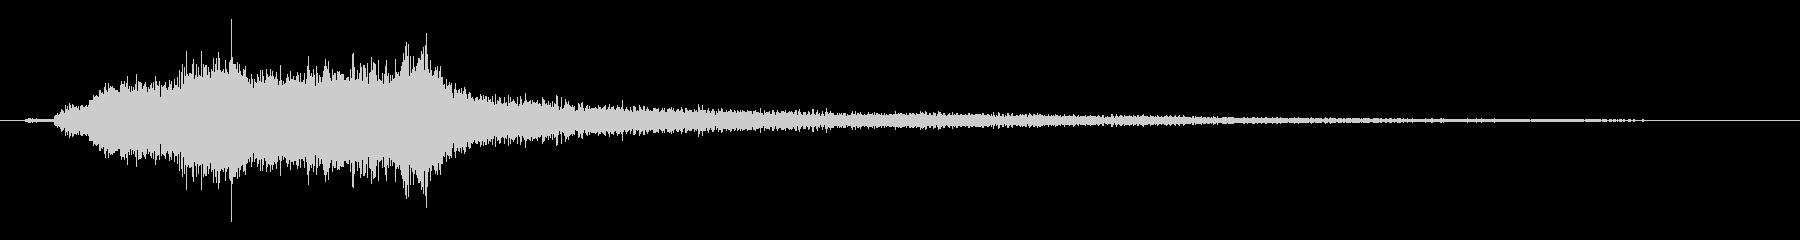 ホラー ピアノ弓弦ブロークン01の未再生の波形